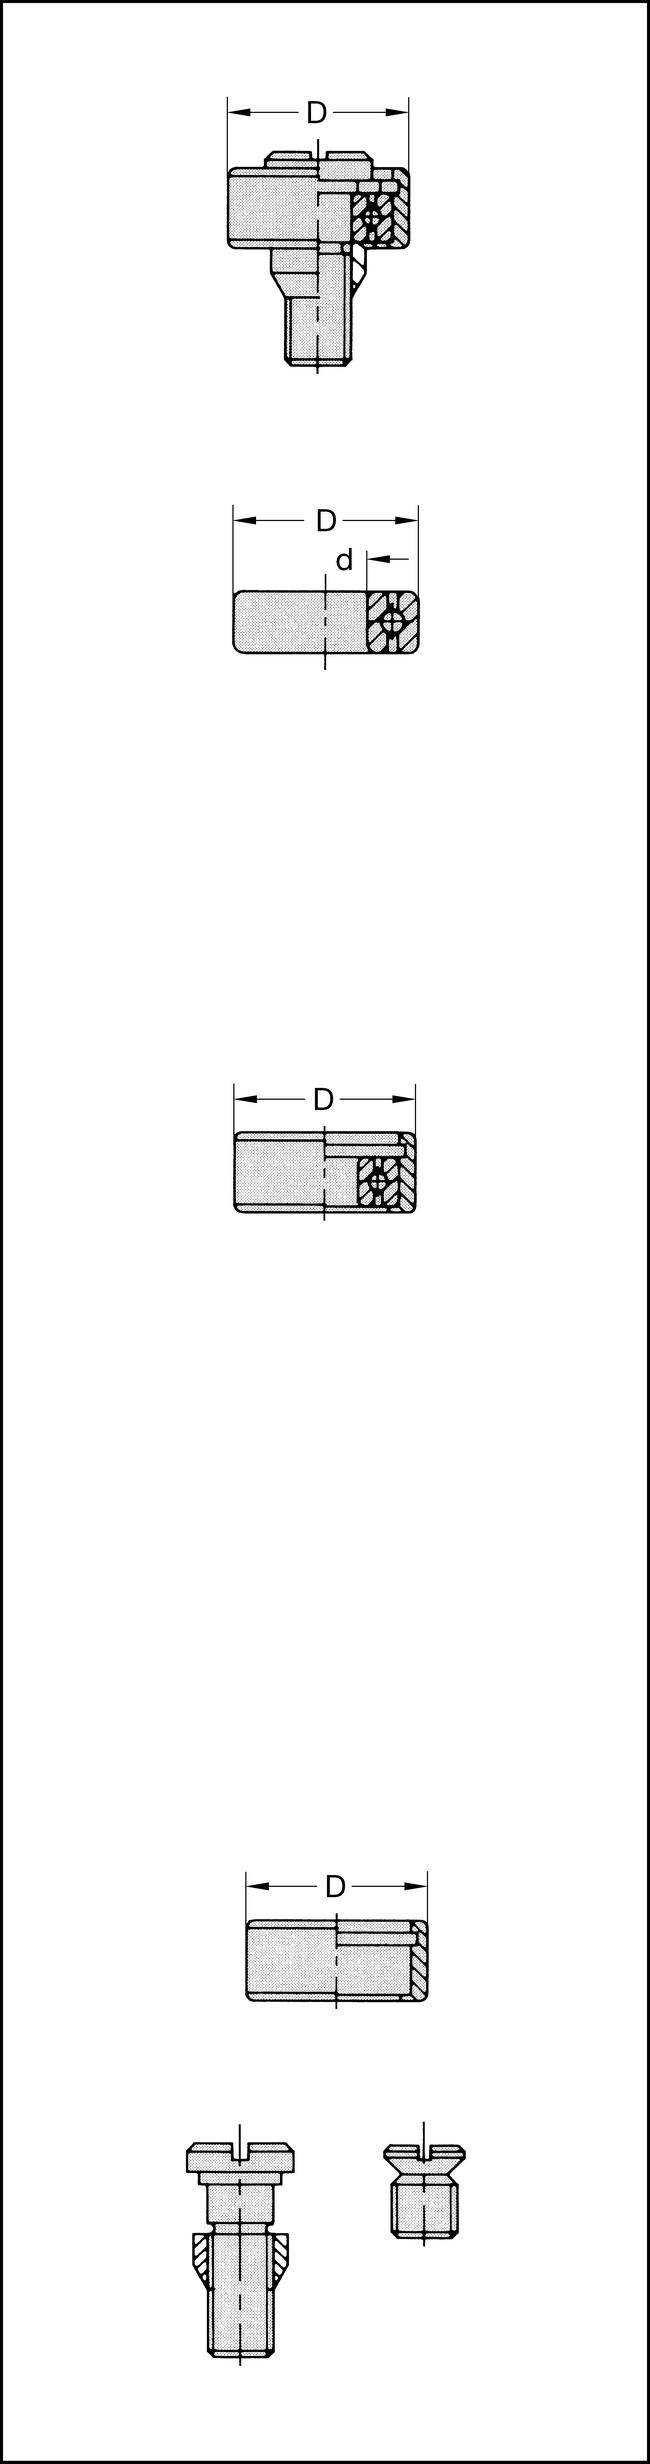 Kugellager 20mm d=6,35mm 11 GRAD